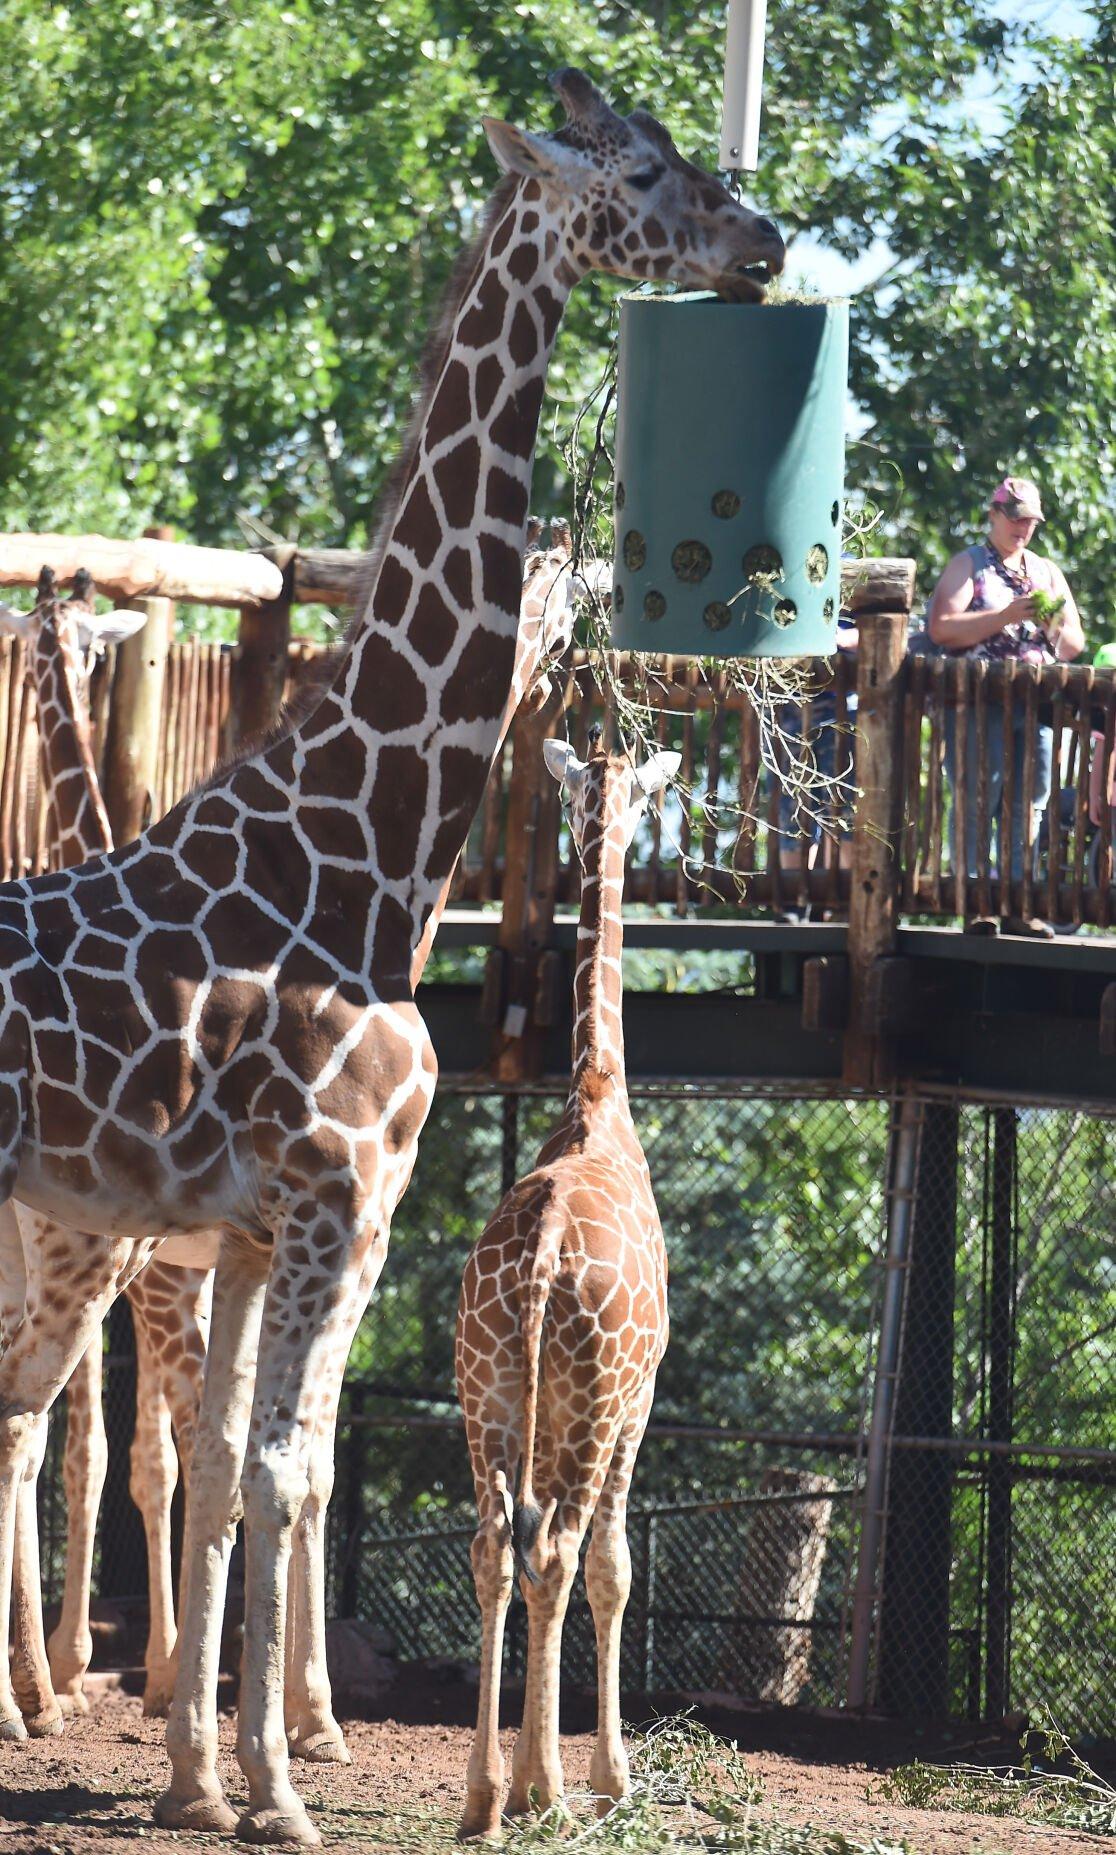 071821-life-giraffes 07.JPG